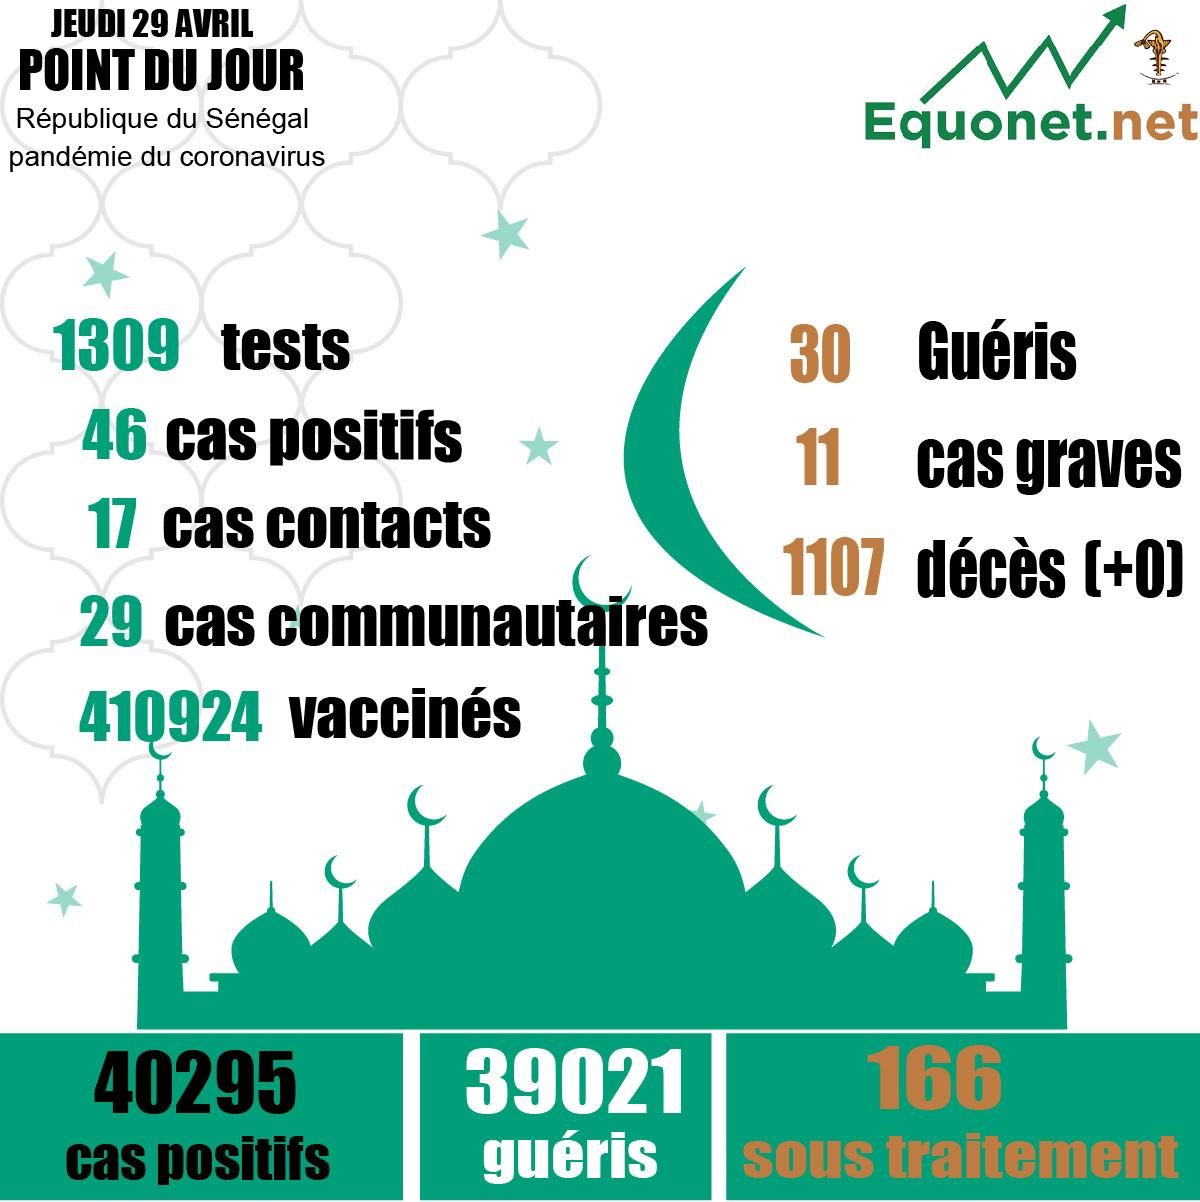 pandémie du coronavirus-covid-19 au sénégal : 29 cas communautaires et 00 décès enregistrés ce jeudi 29 avril 2021